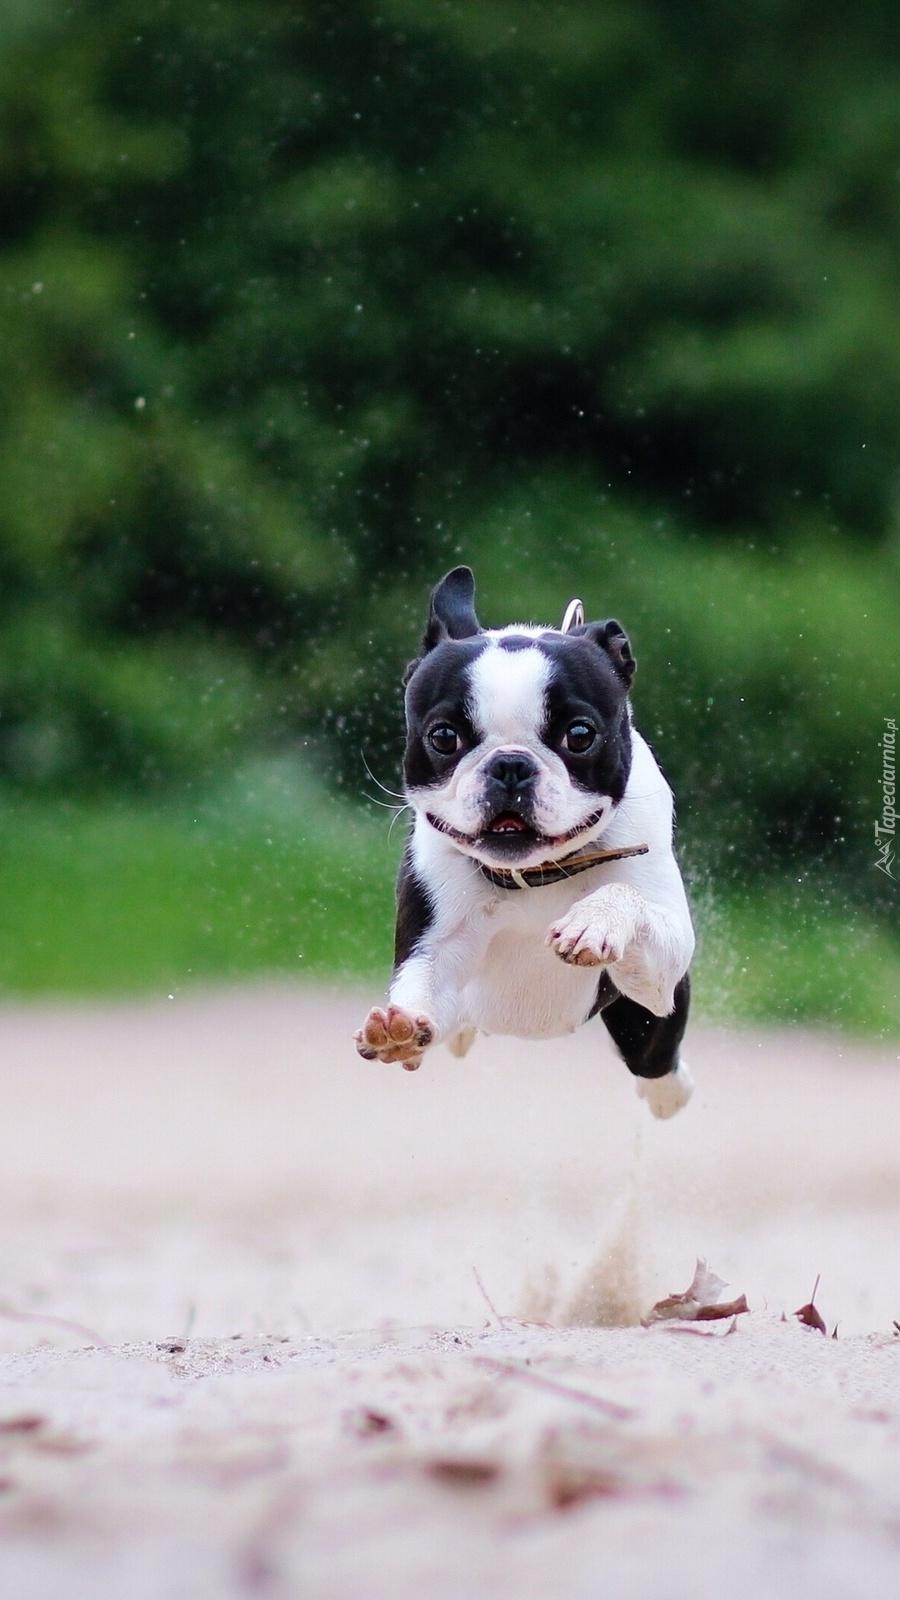 Psiak trenuje skok wzwyż lub skok w dal